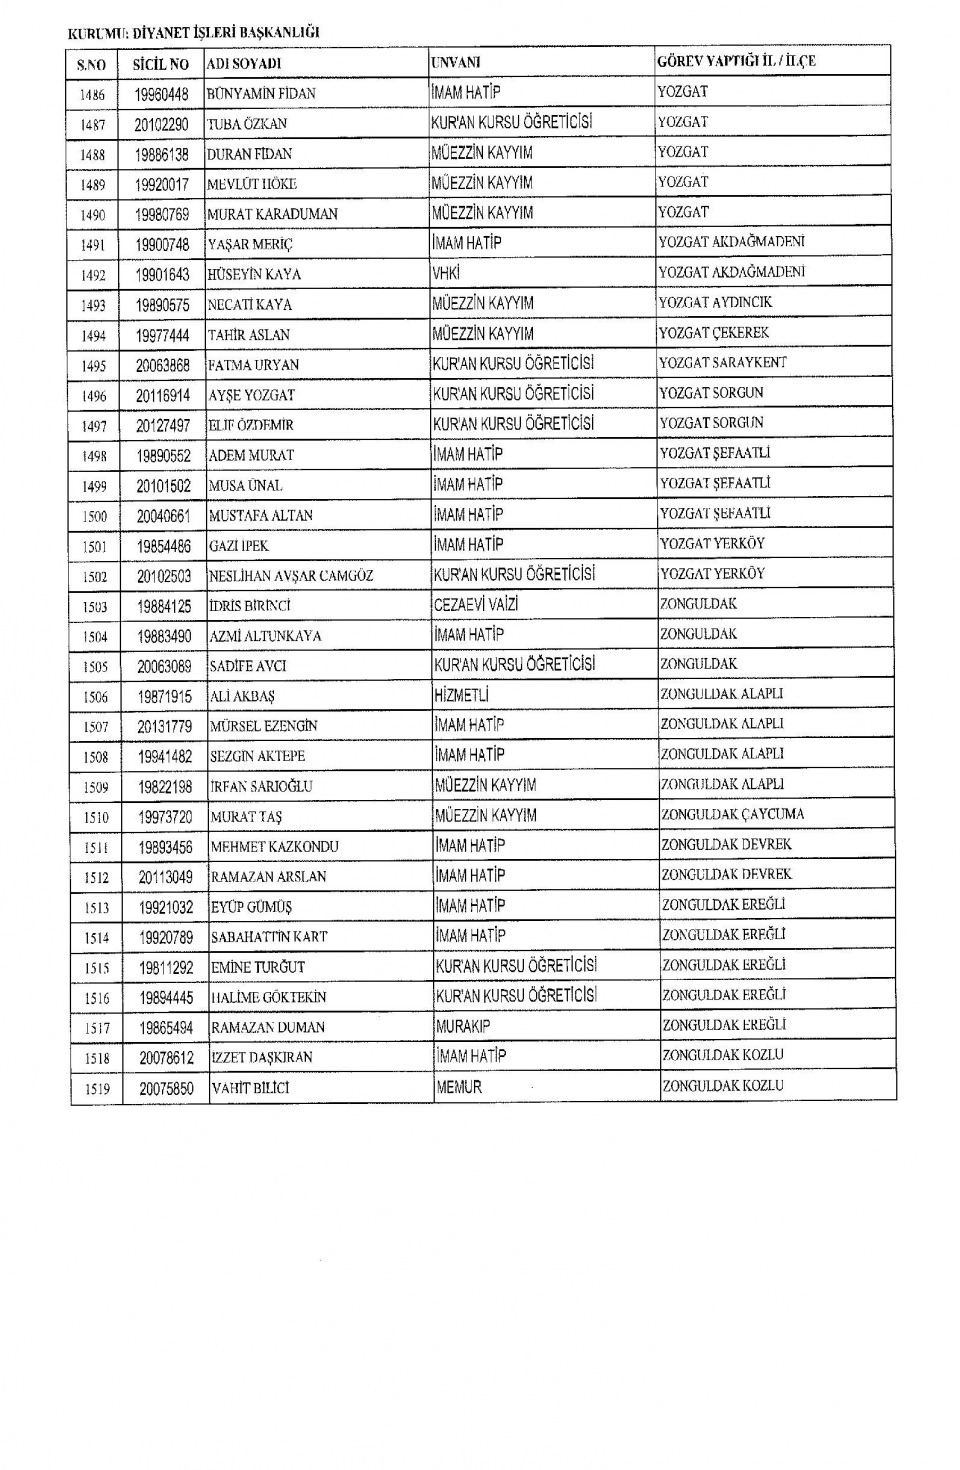 İşte kamuda ihraç edilenlerin tam listesi 54